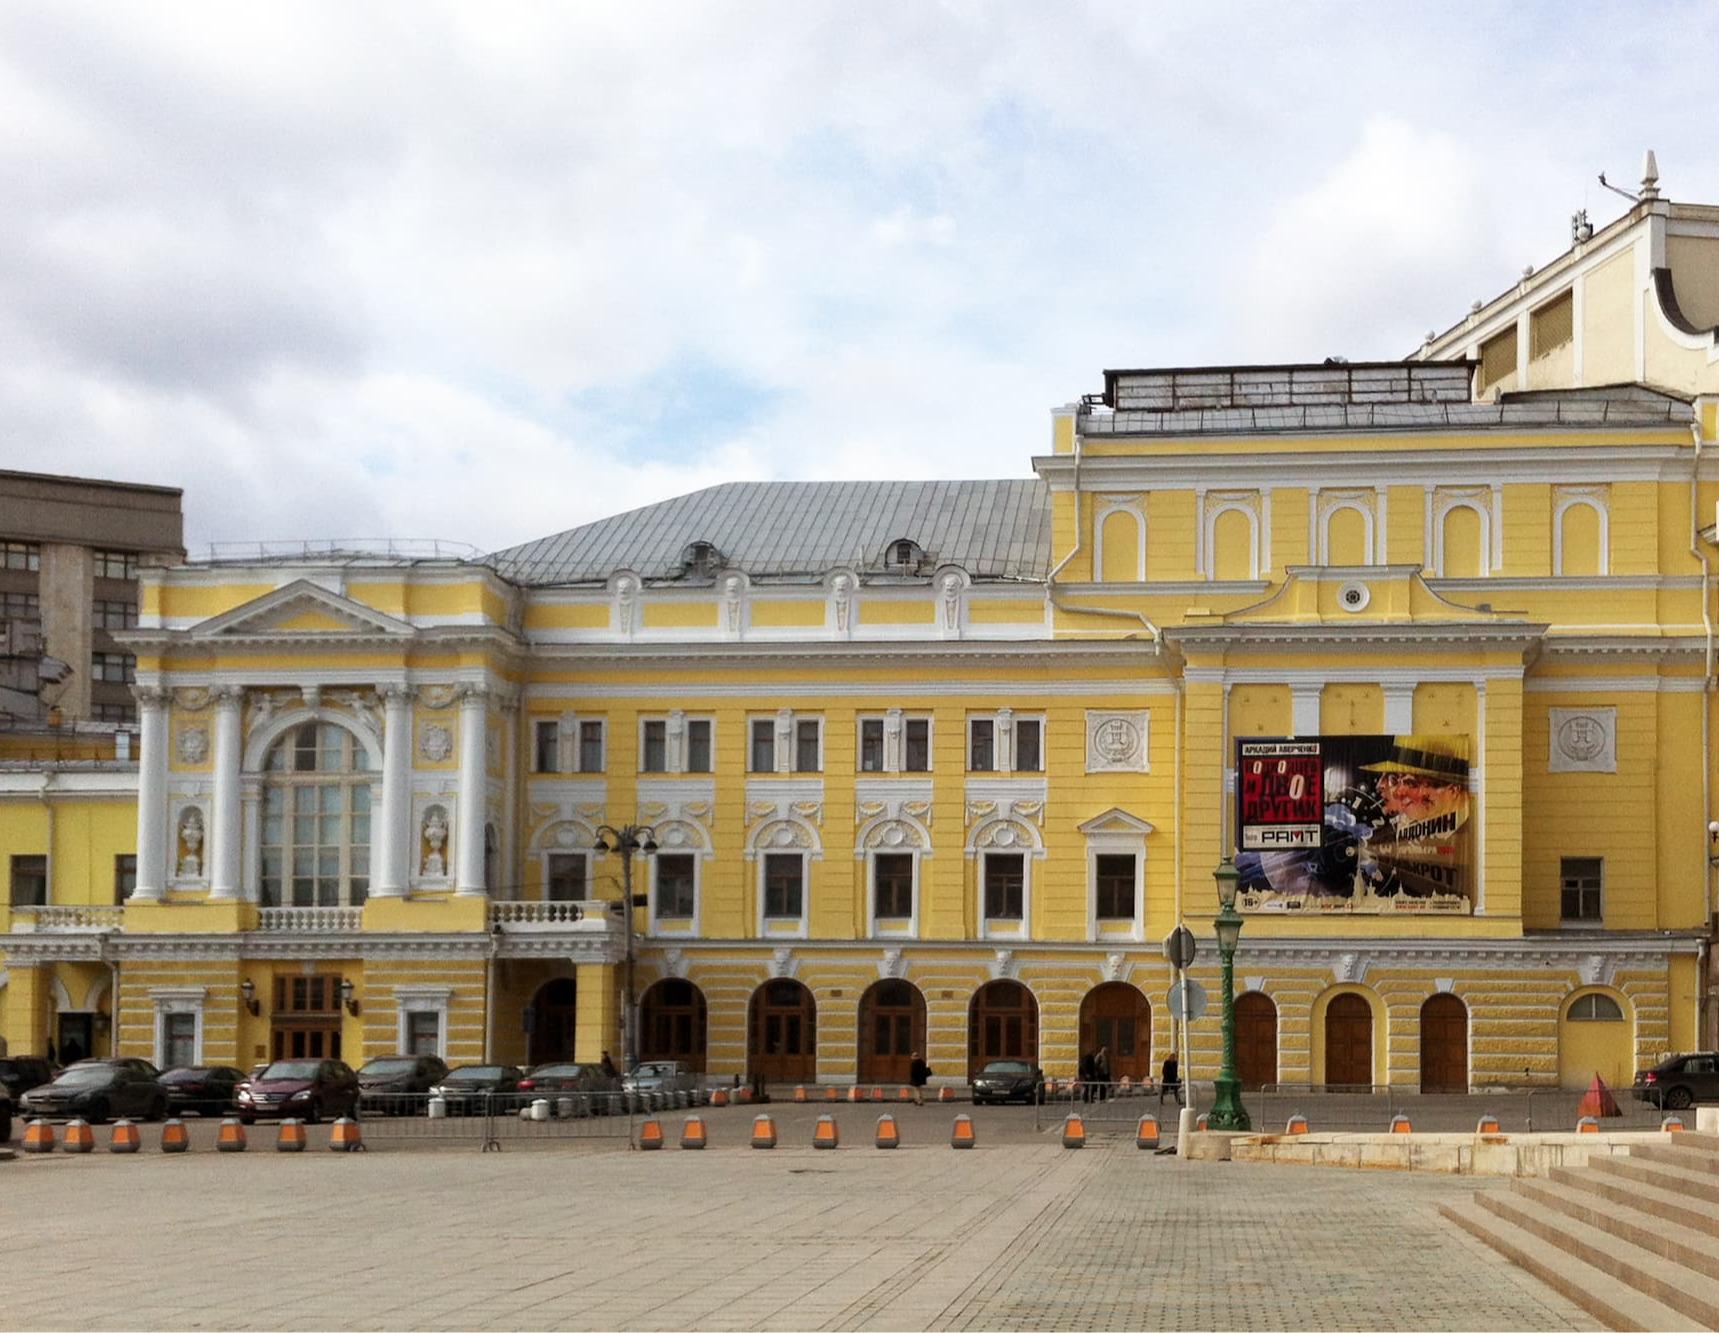 Российский академический молодёжный теат (РАМТ)